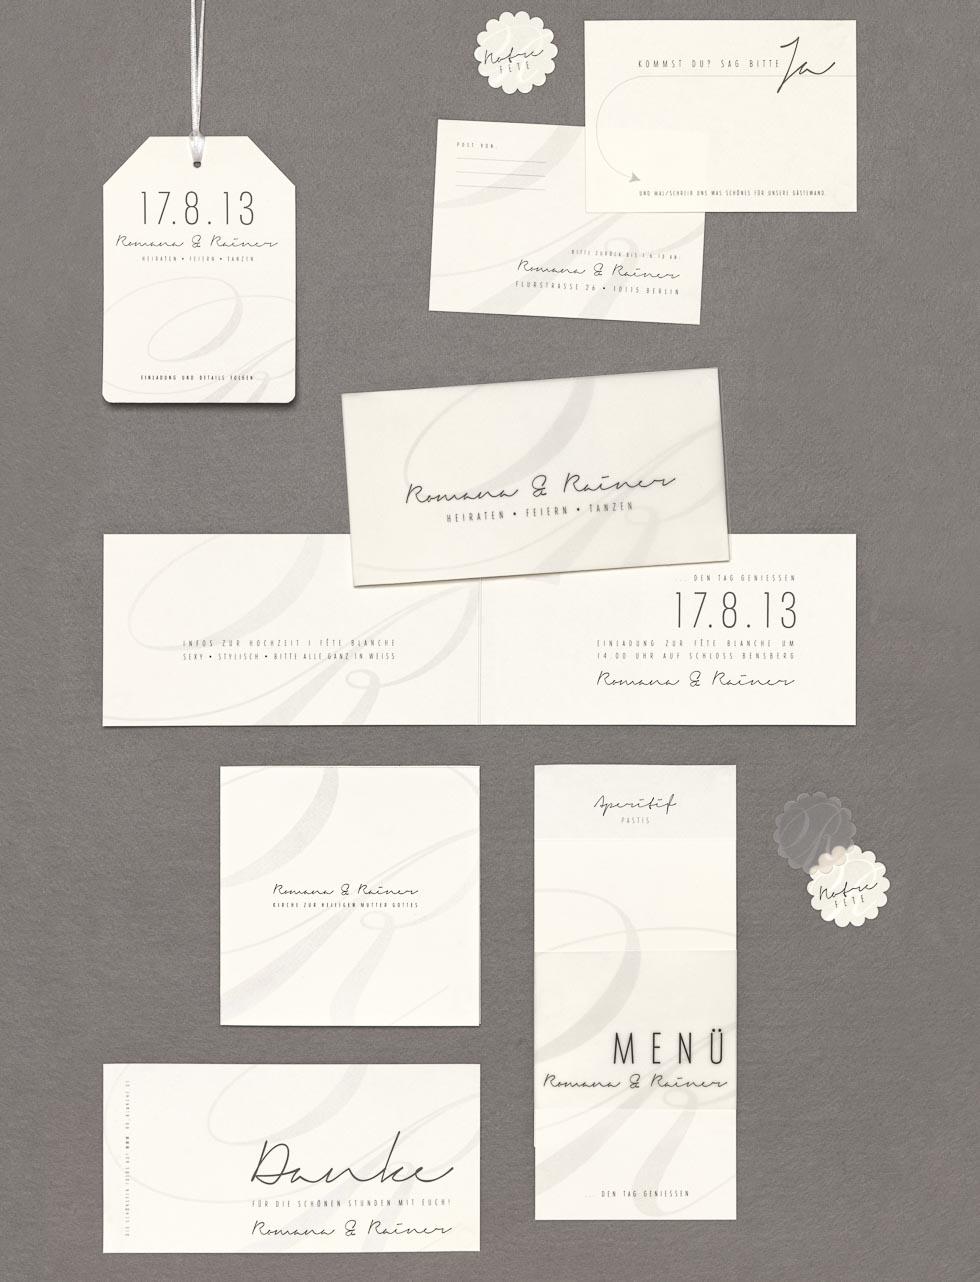 Text Einladung Hochzeit: Die besten Mustertexte